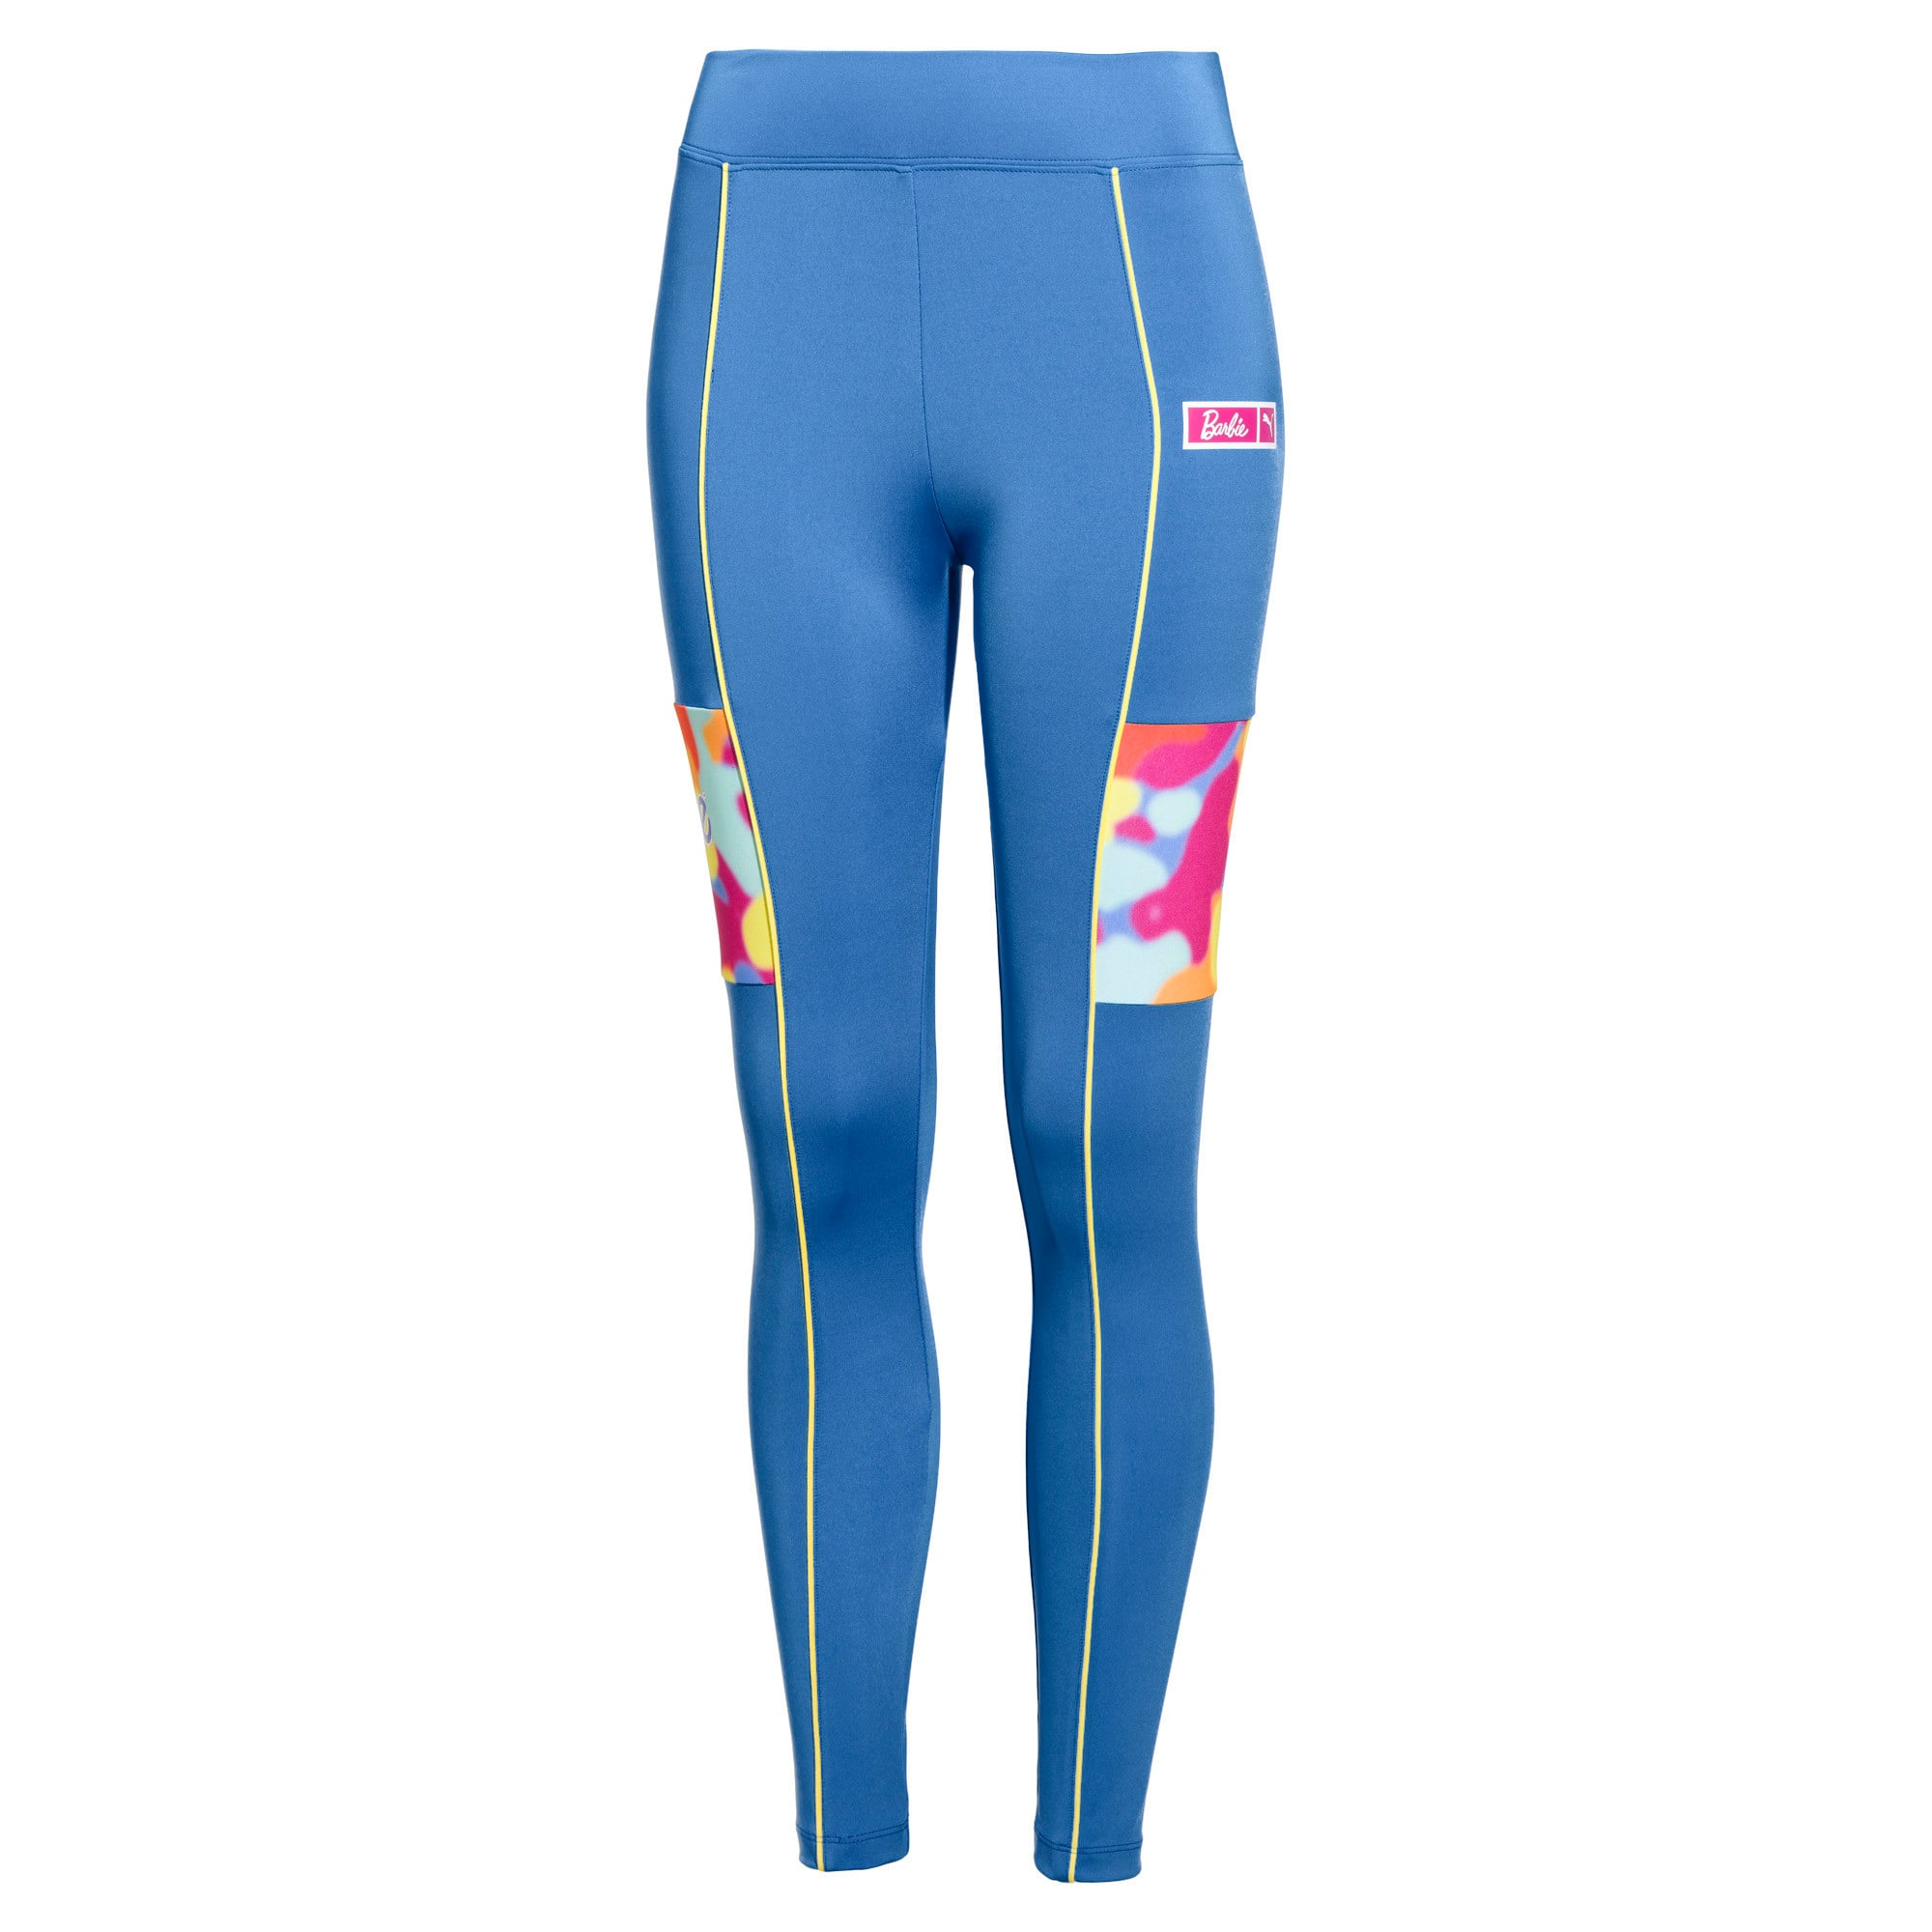 Thumbnail 1 of PUMA x BARBIE Women's Leggings, Ultramarine, medium